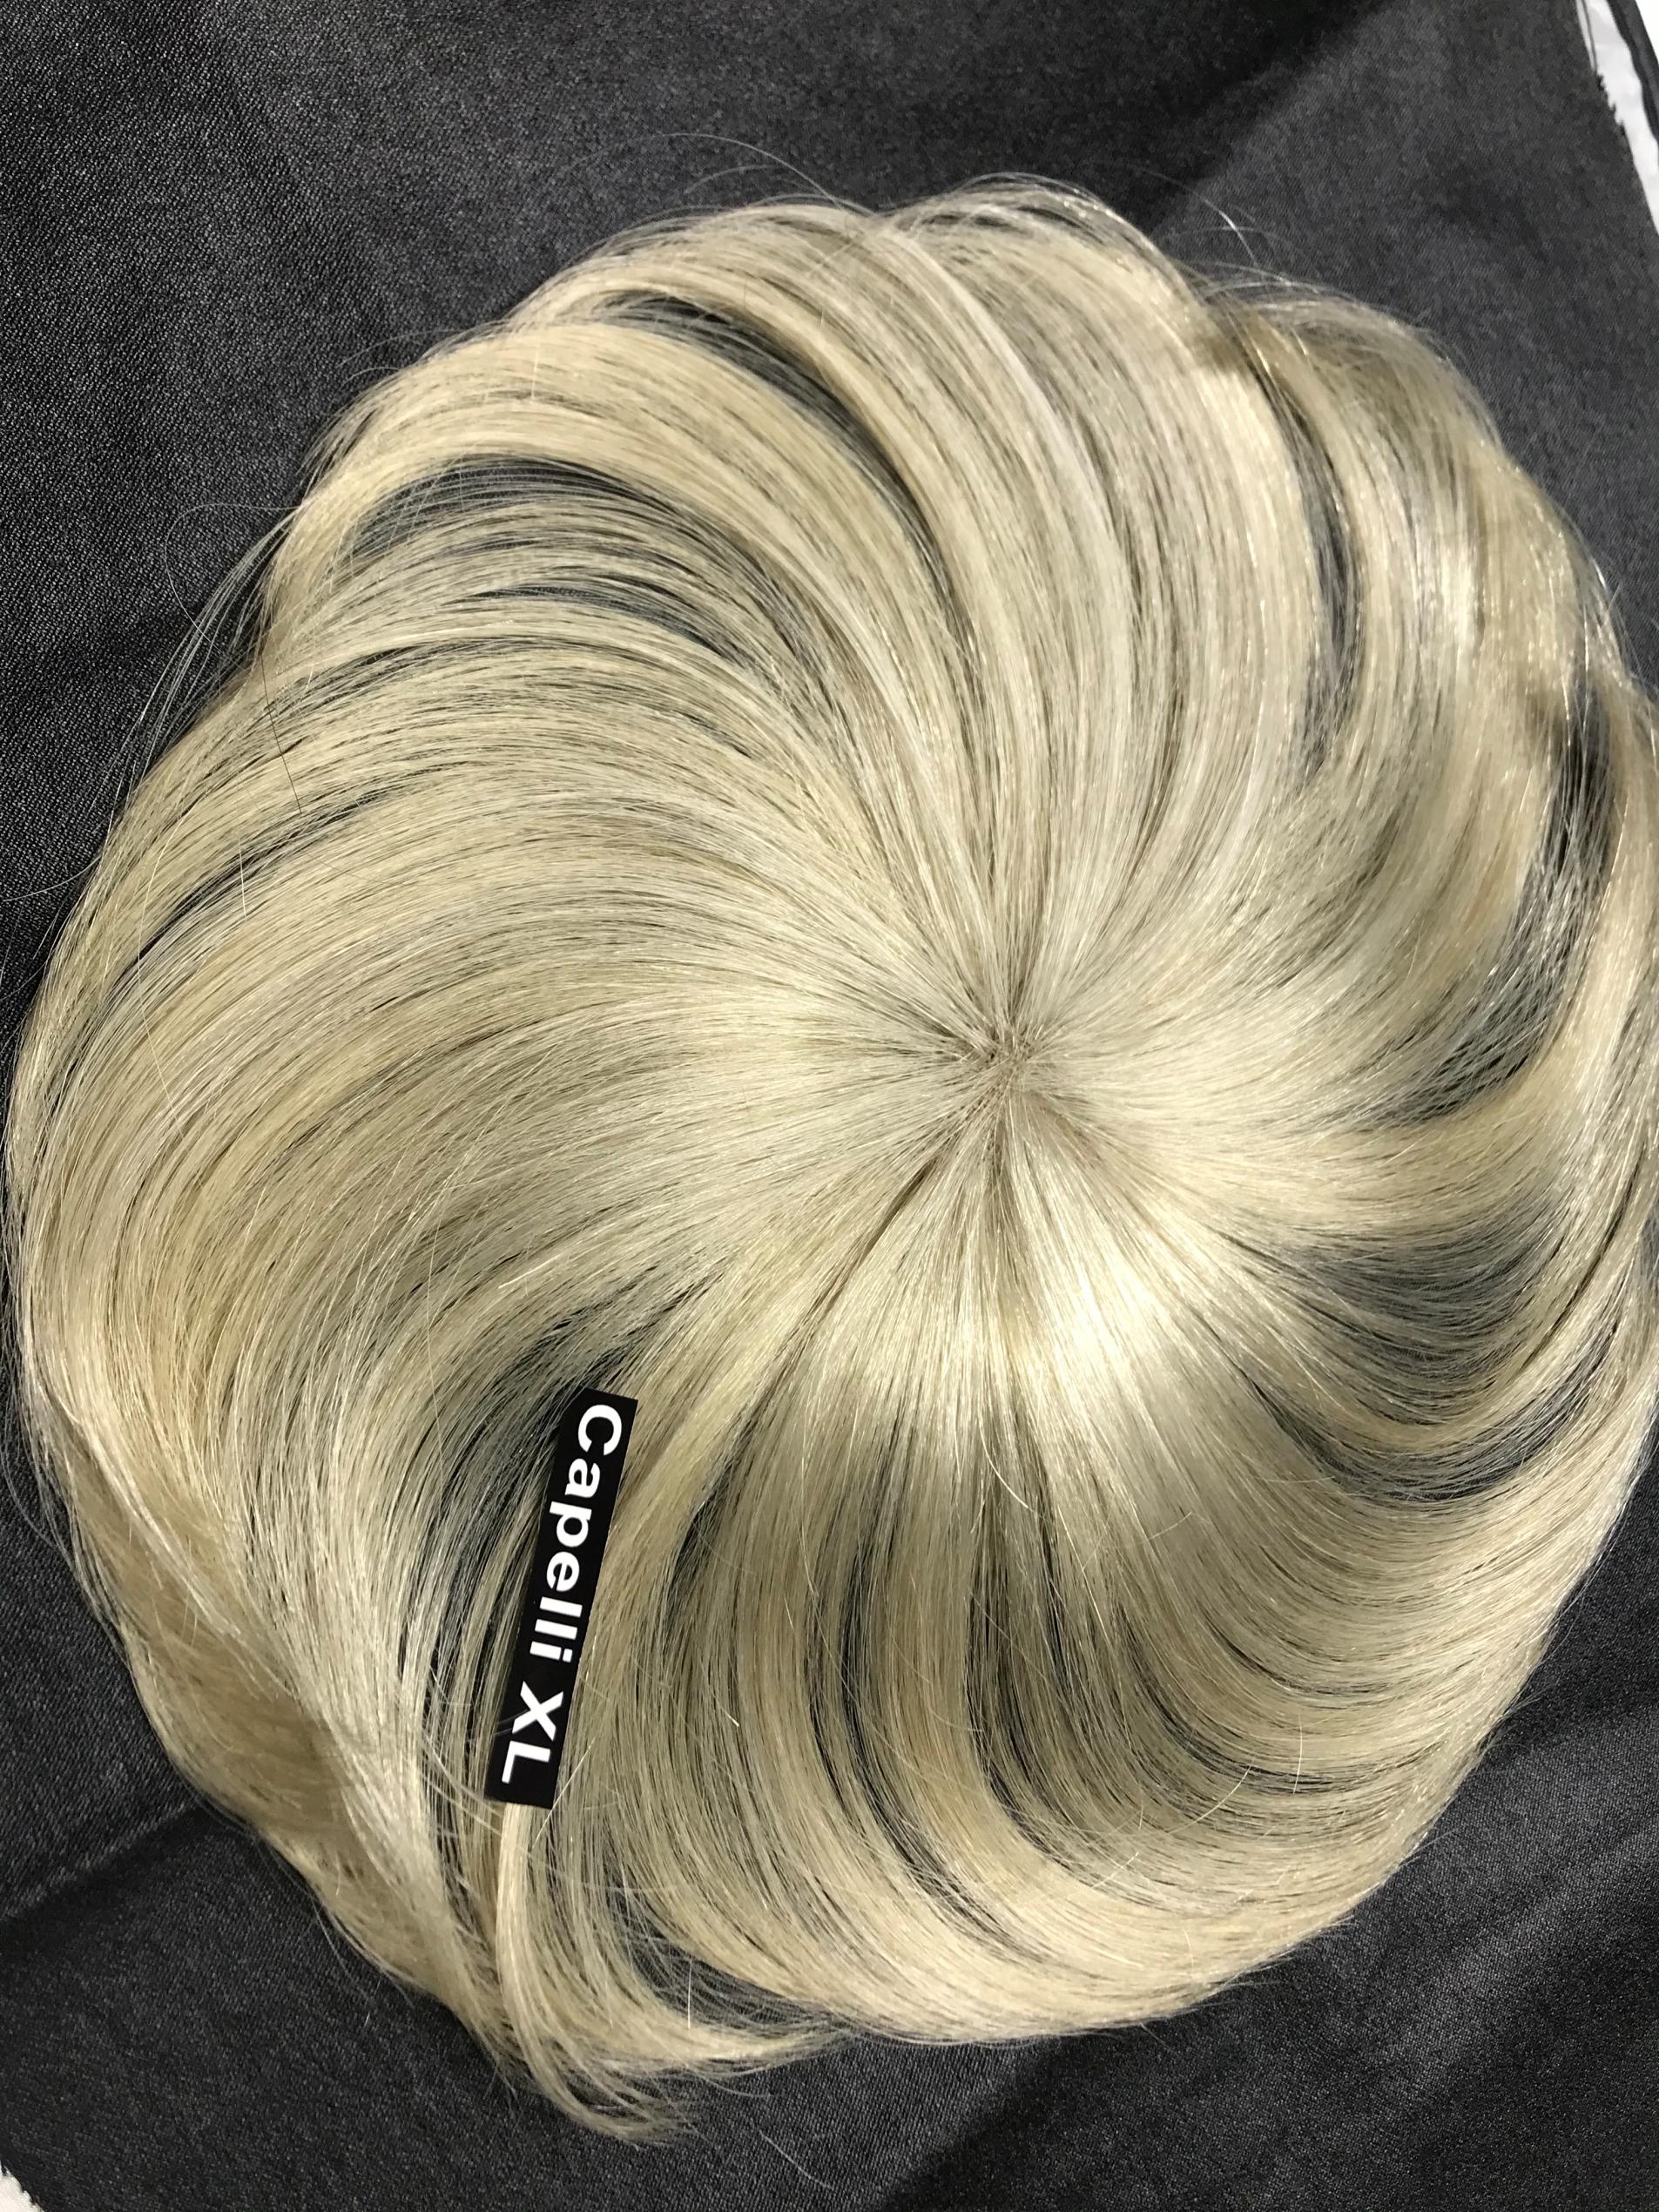 Ciuffo frangetta di capelli veri remy colore biondo